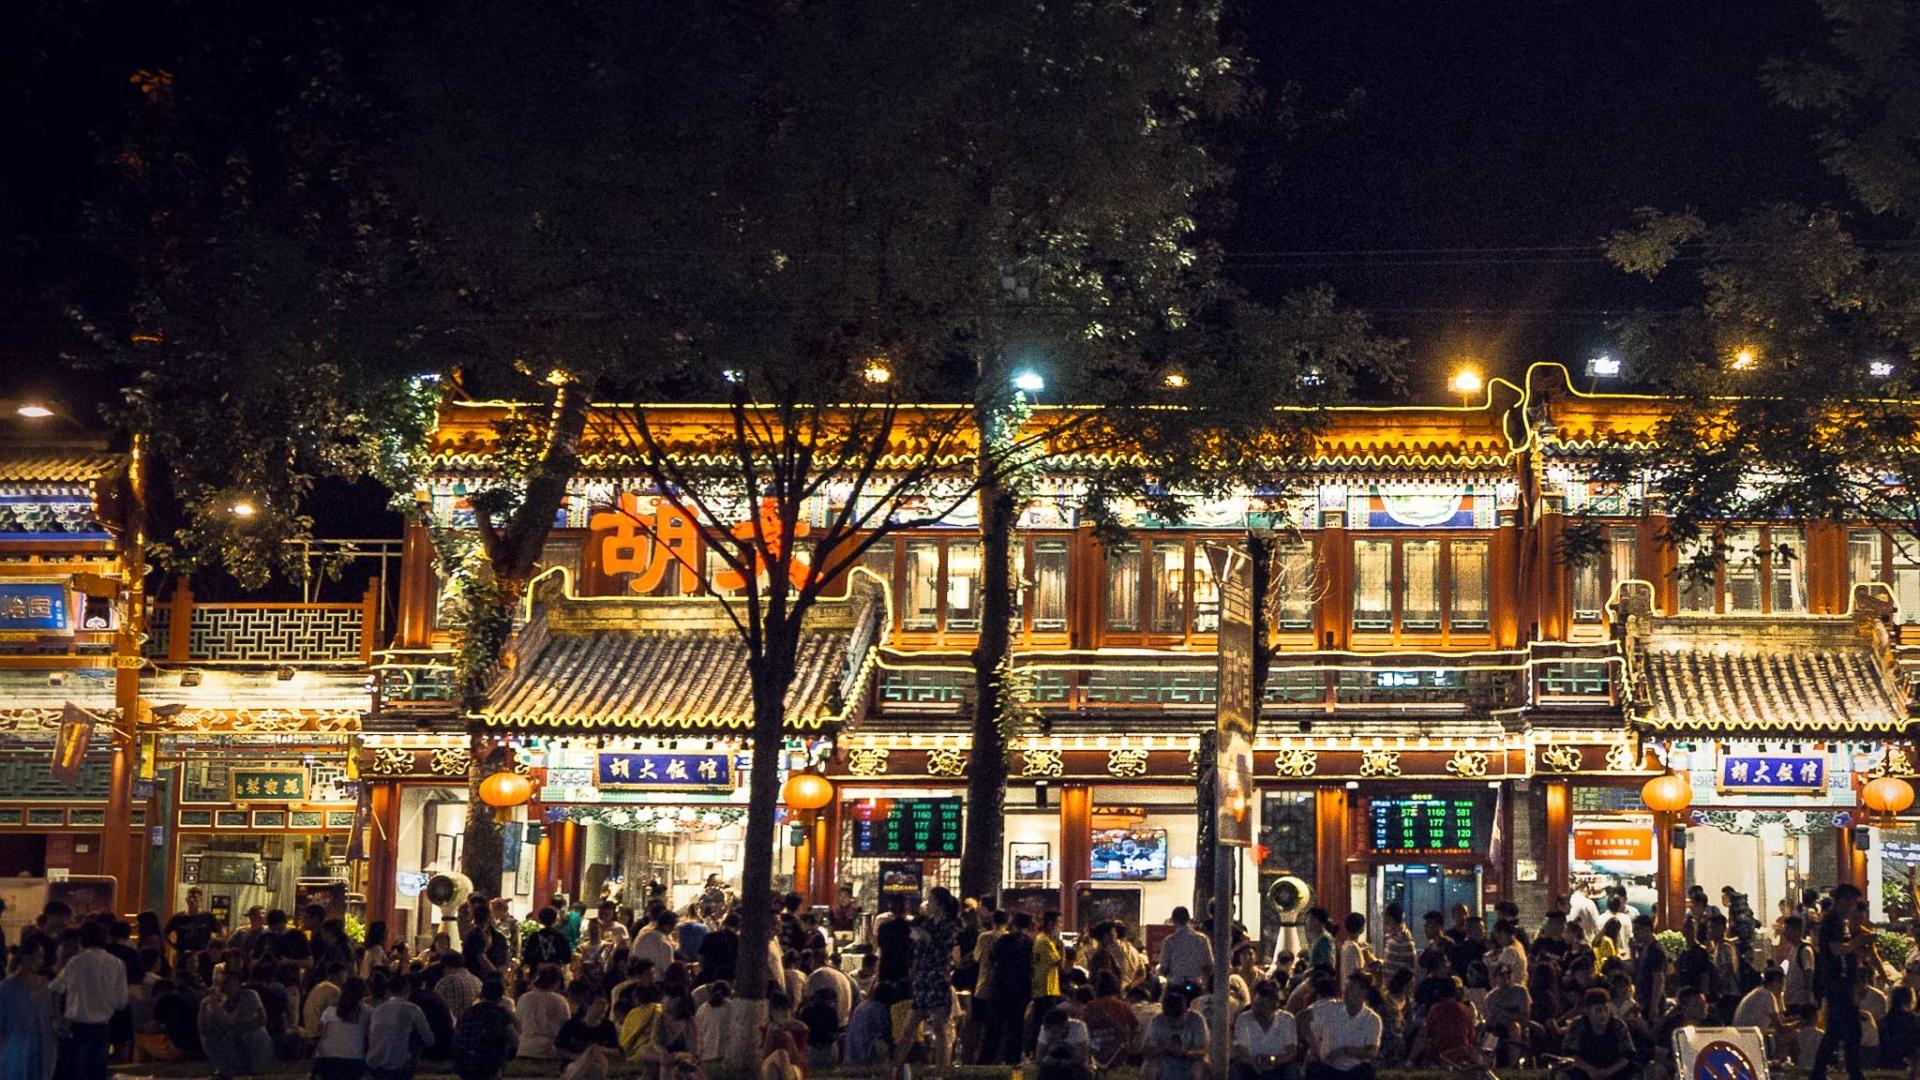 DSC09742_pechino_hutong_street_food_travel_psych_chiara_cina_china_24